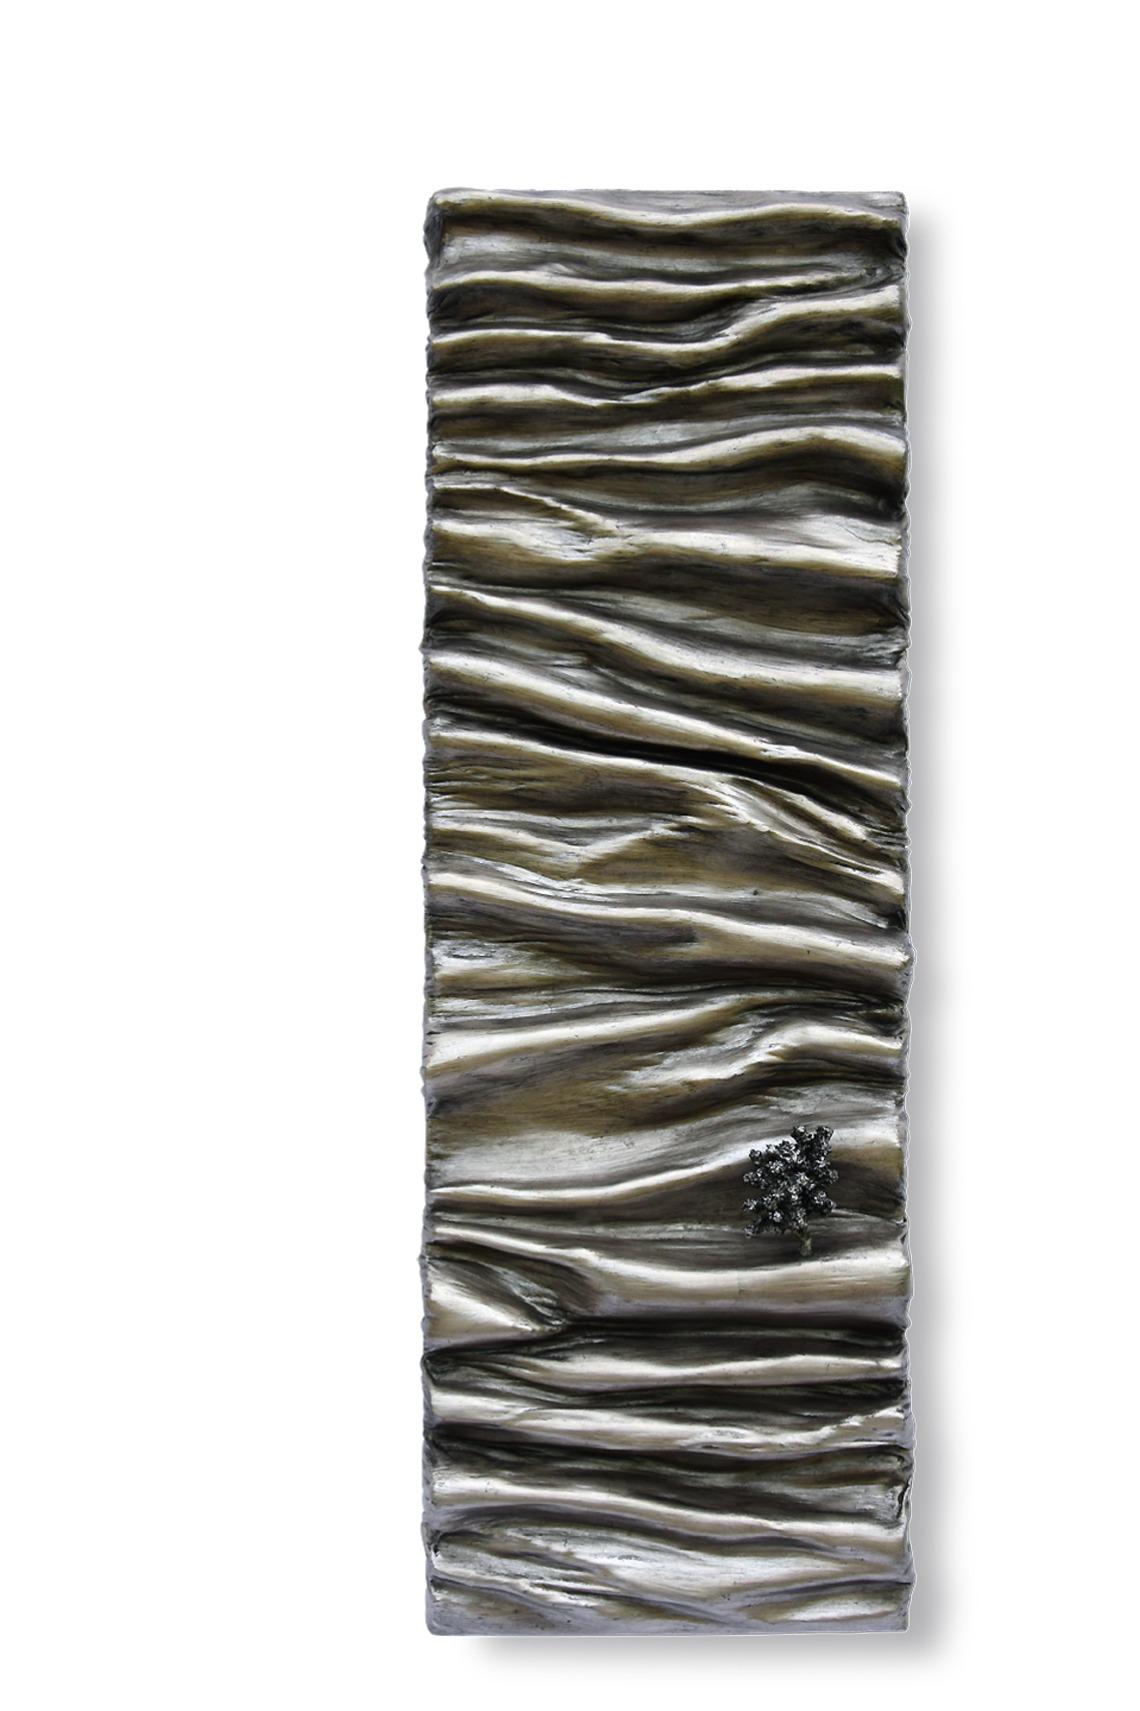 argent métal monochrome matière vague oeuvre art did moreres artiste